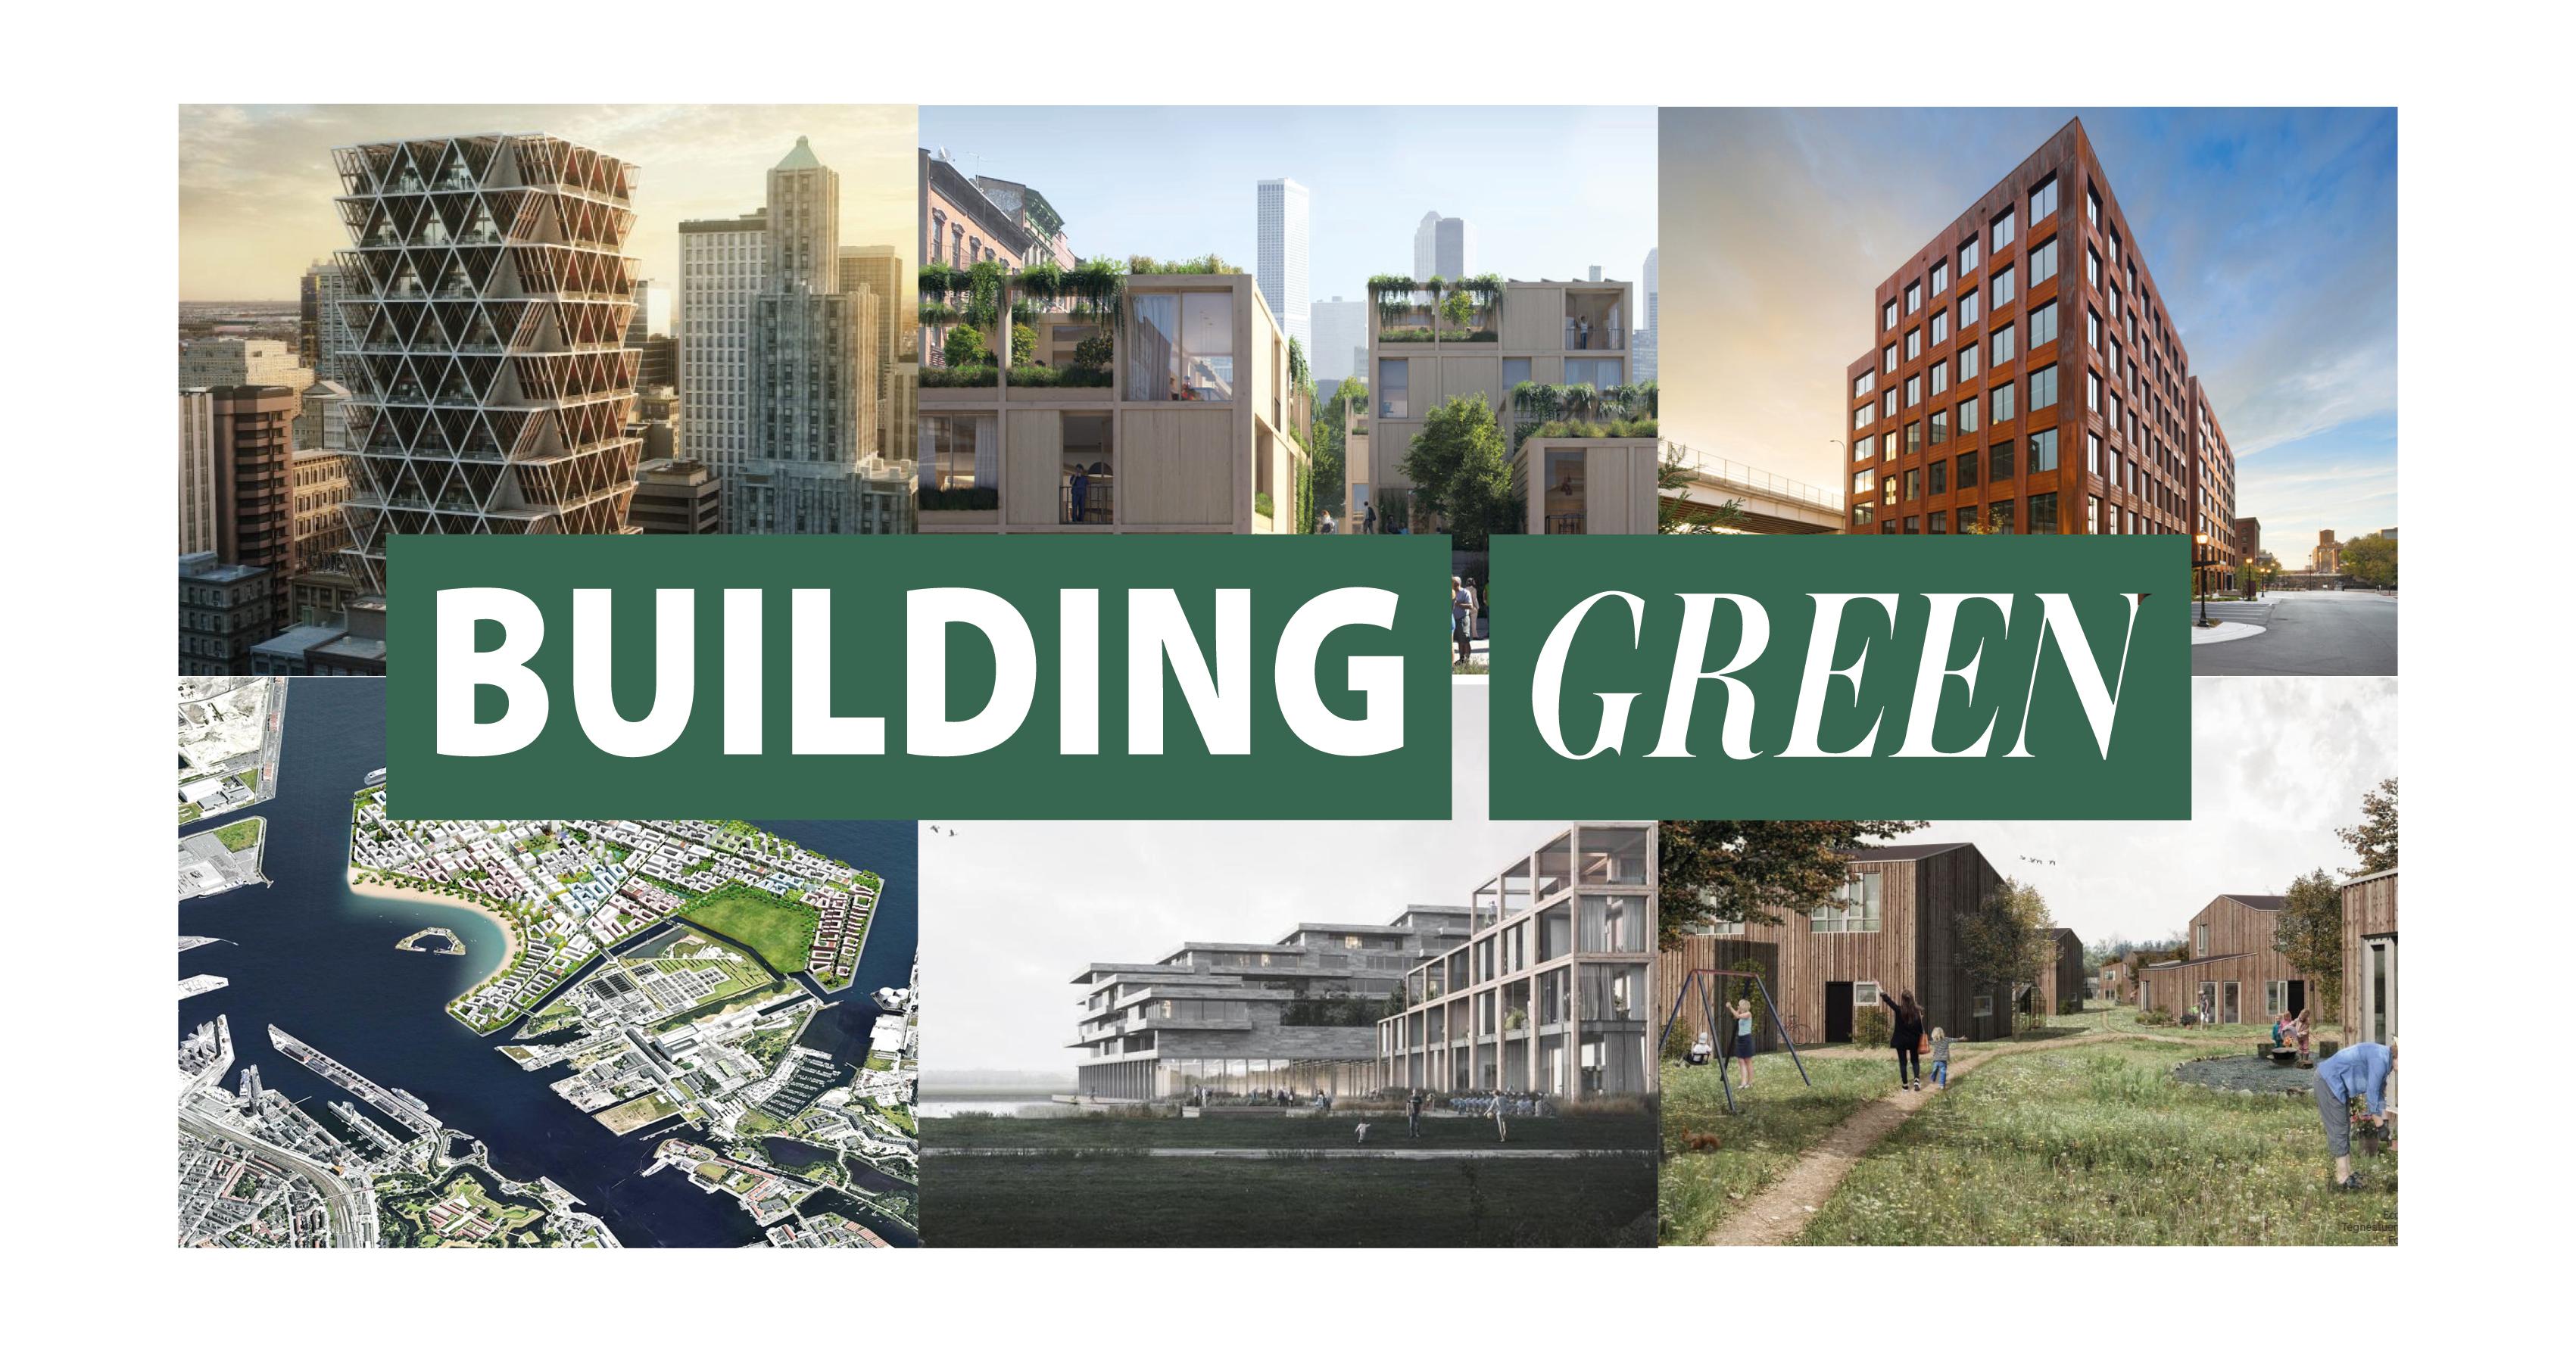 Building Green lancerer det største program til dato